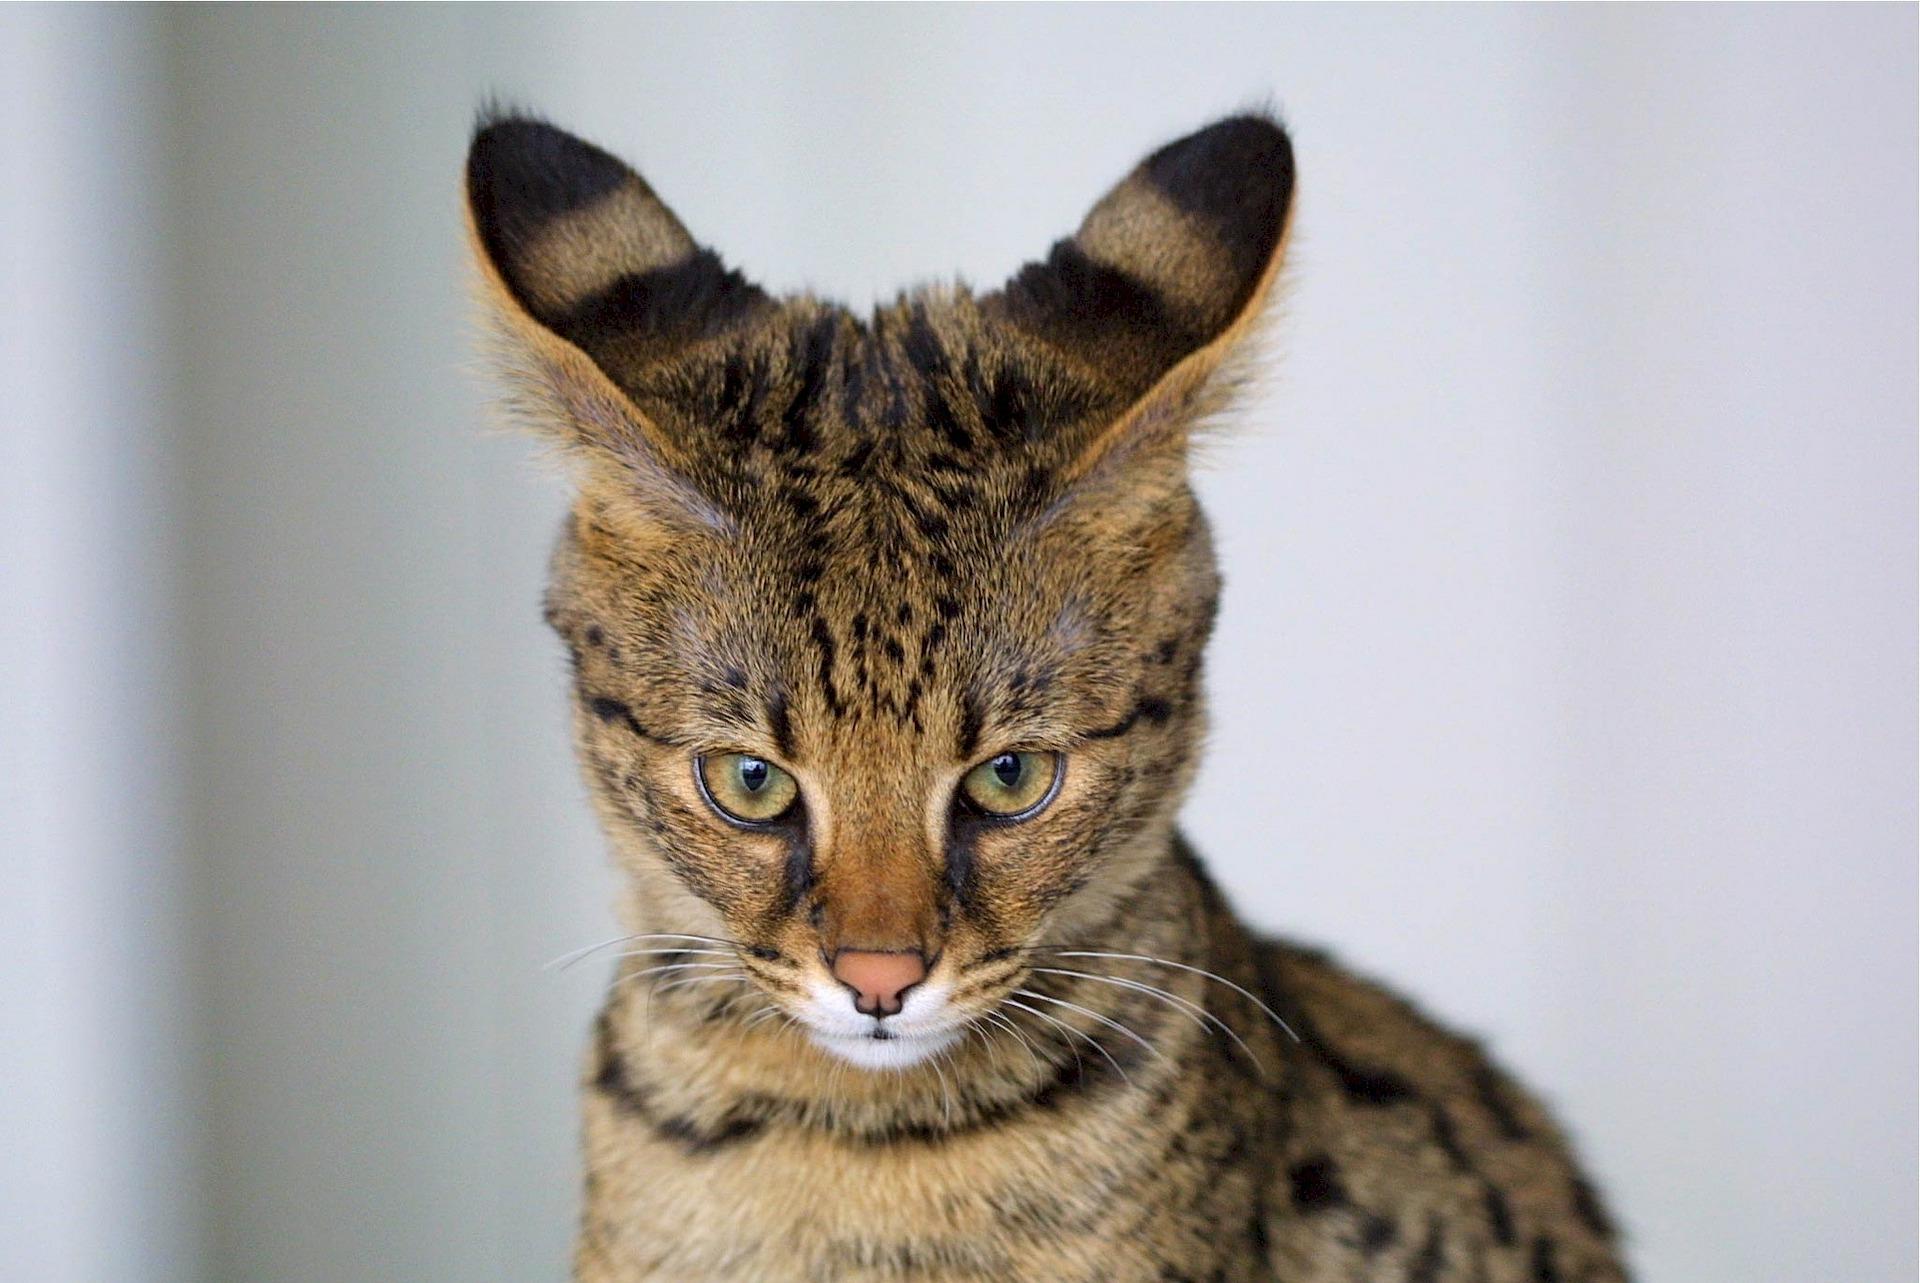 Kot savannah jest krzyżówką kota domowego i afrykańskiego serwala.